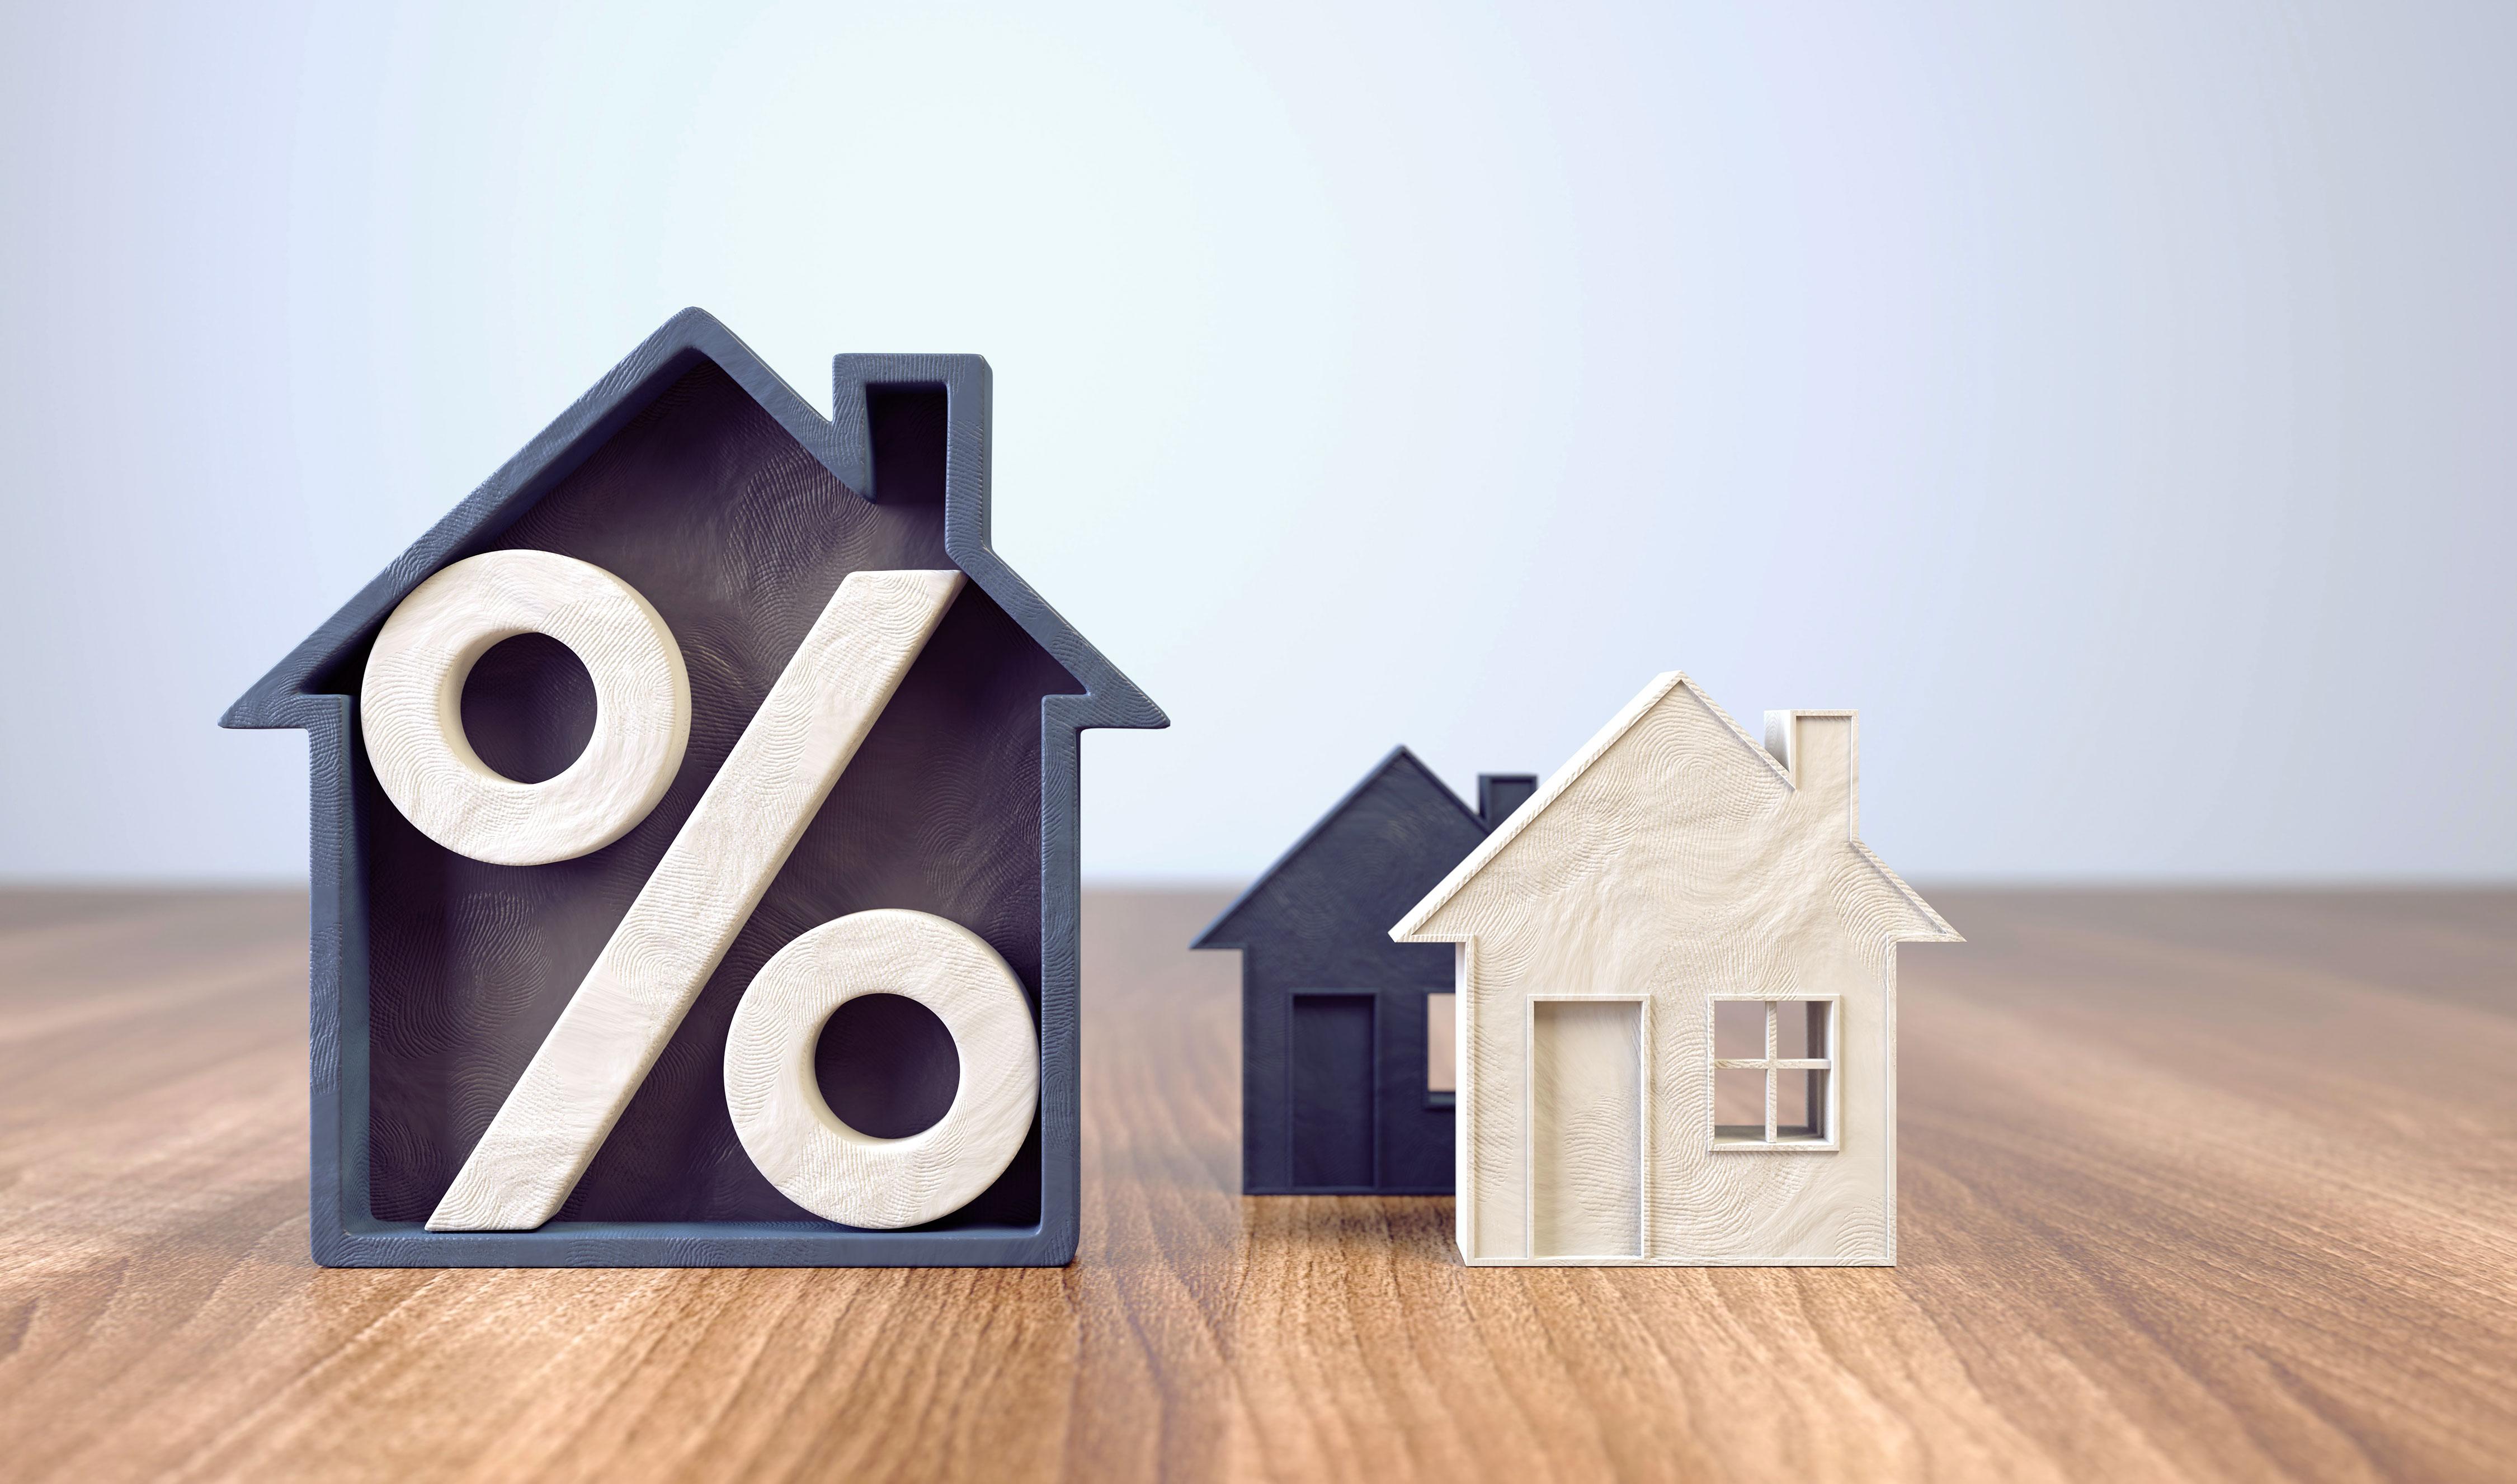 Immobilienzinsen dargestellt mit einfachen Hausmodellen aus Holz